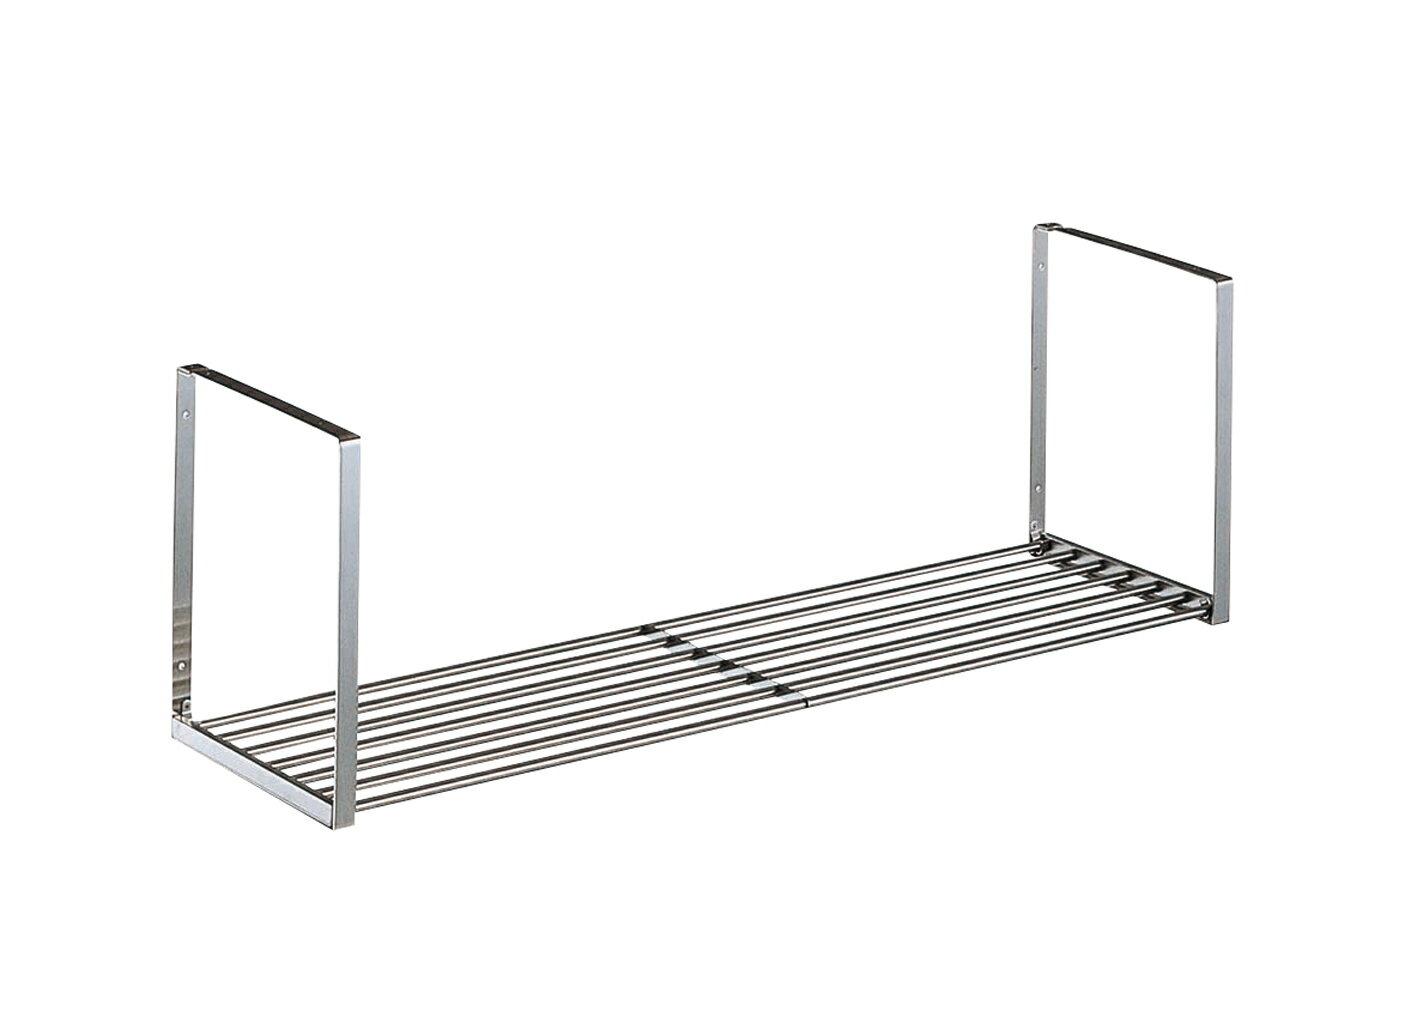 【タクボ】 キッチン水切パイプ棚1段オーダーサイズ(幅61cm〜89cm)